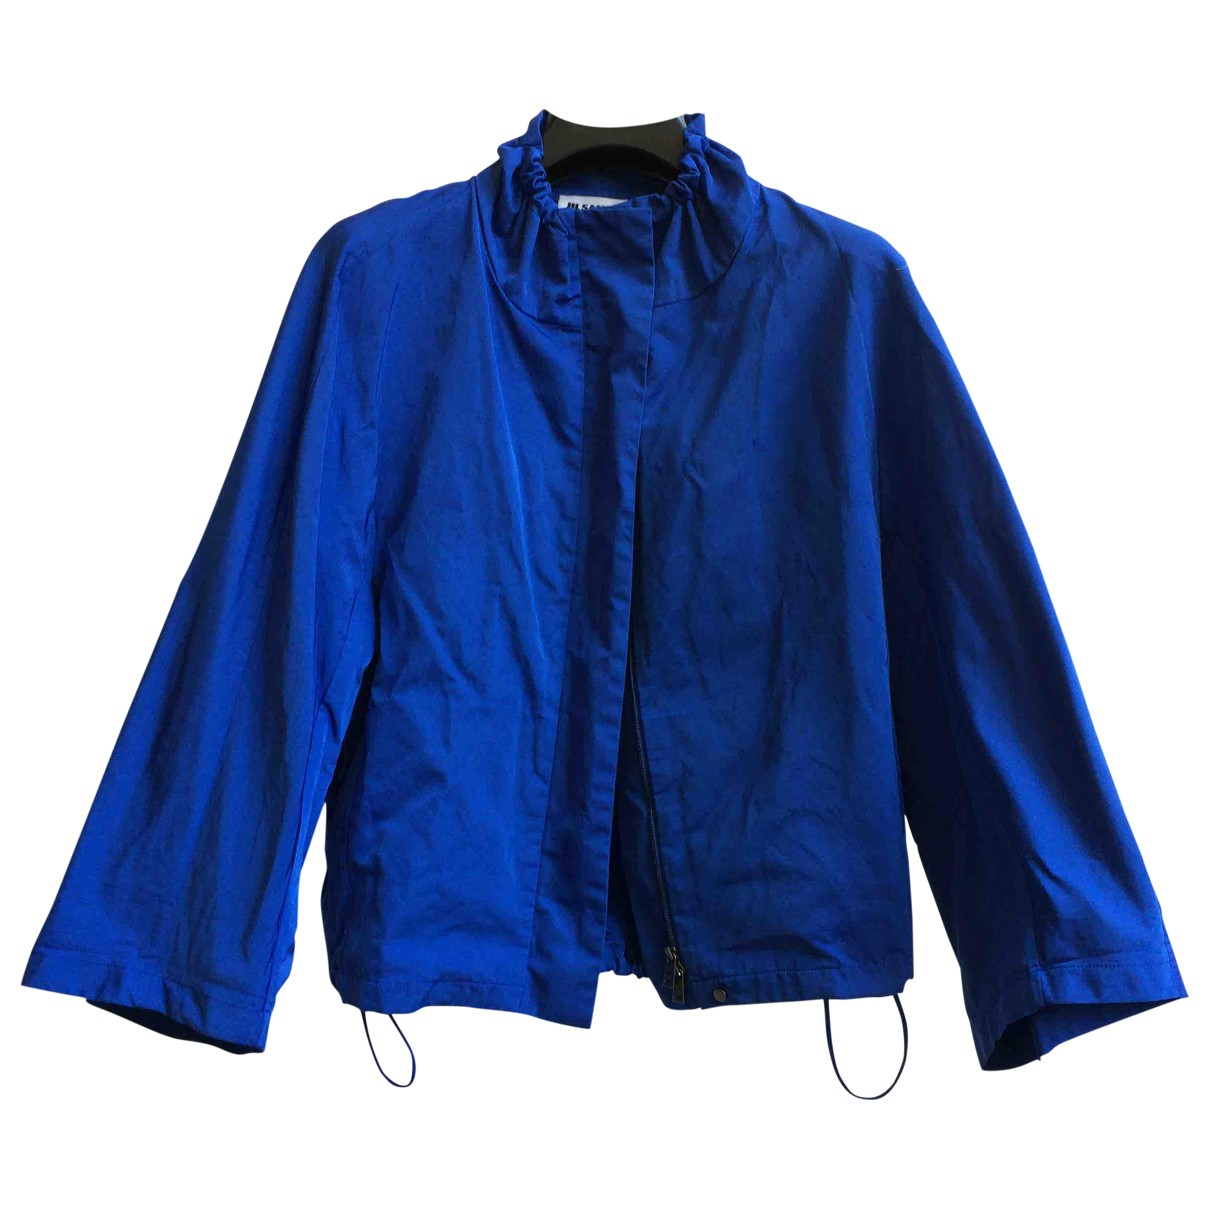 Jil Sander \N Blue jacket for Women 40 IT